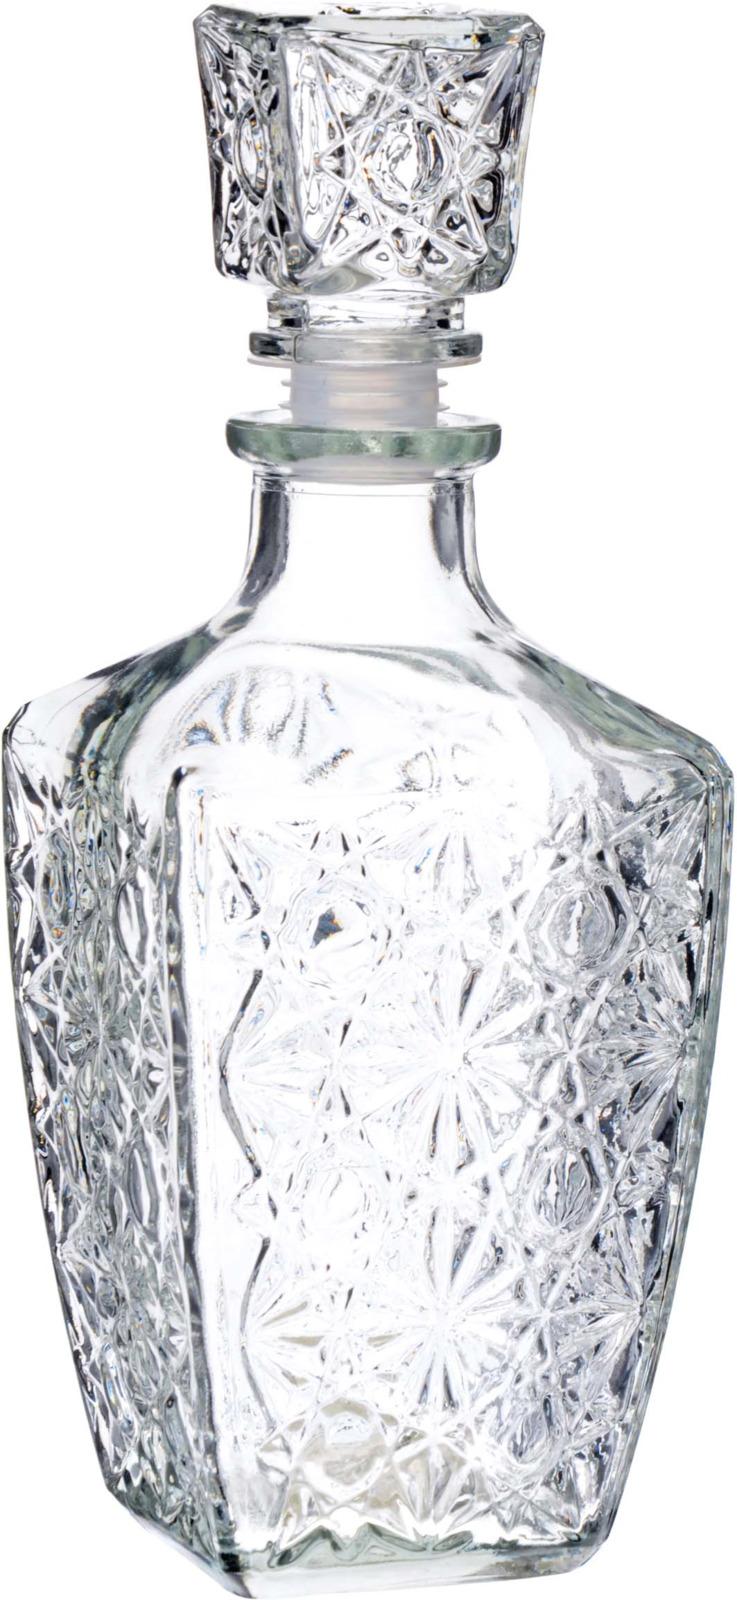 Бутылка Loraine представляет из себя классический штоф для холодных напитков. Выполненная из высококачественного стекла и украшенная красивым рельефным узором, бутылка оснащена плотно закрывающейся стеклянной пробкой, которая не позволит выдохнуться аромату Ваших напитков. Элегантный дизайн изделия украсит собой любой праздничный стол, в таком штофе Вы сможете подать вино, морс, различные наливки и ликеры, цвет которых будет играть, преломляясь через рельефные внешние грани штофа. За счет гладкой внутренней поверхности, изделие легко мыть. Подходит для мытья в посудомоечной машине.